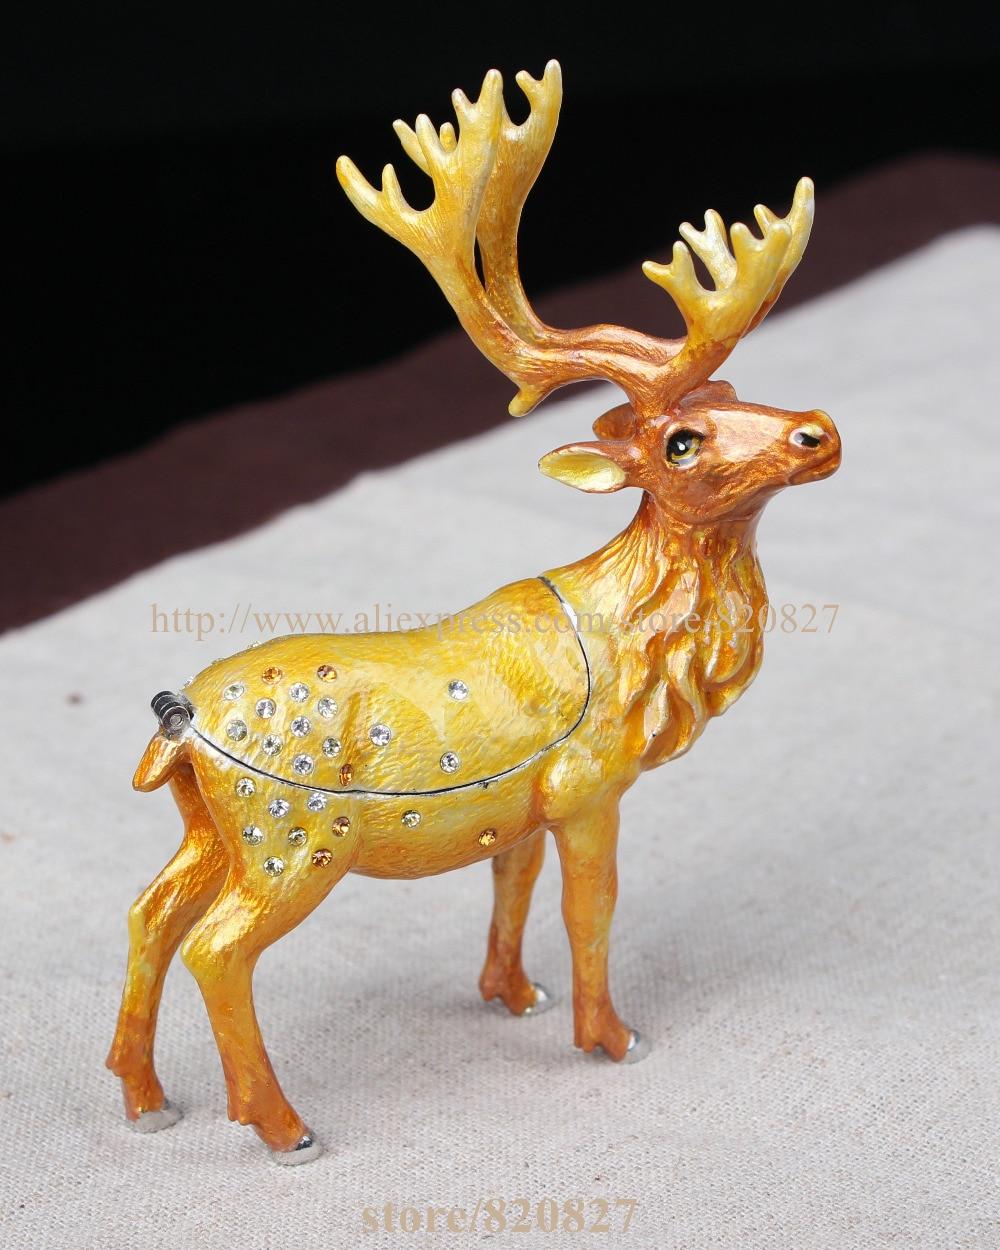 Collectible Deer Jewelry Box Reindeer-shaped Pill Box Deer Jeweled Trinket Box Enameled Pewter Bejeweled Musk Deer